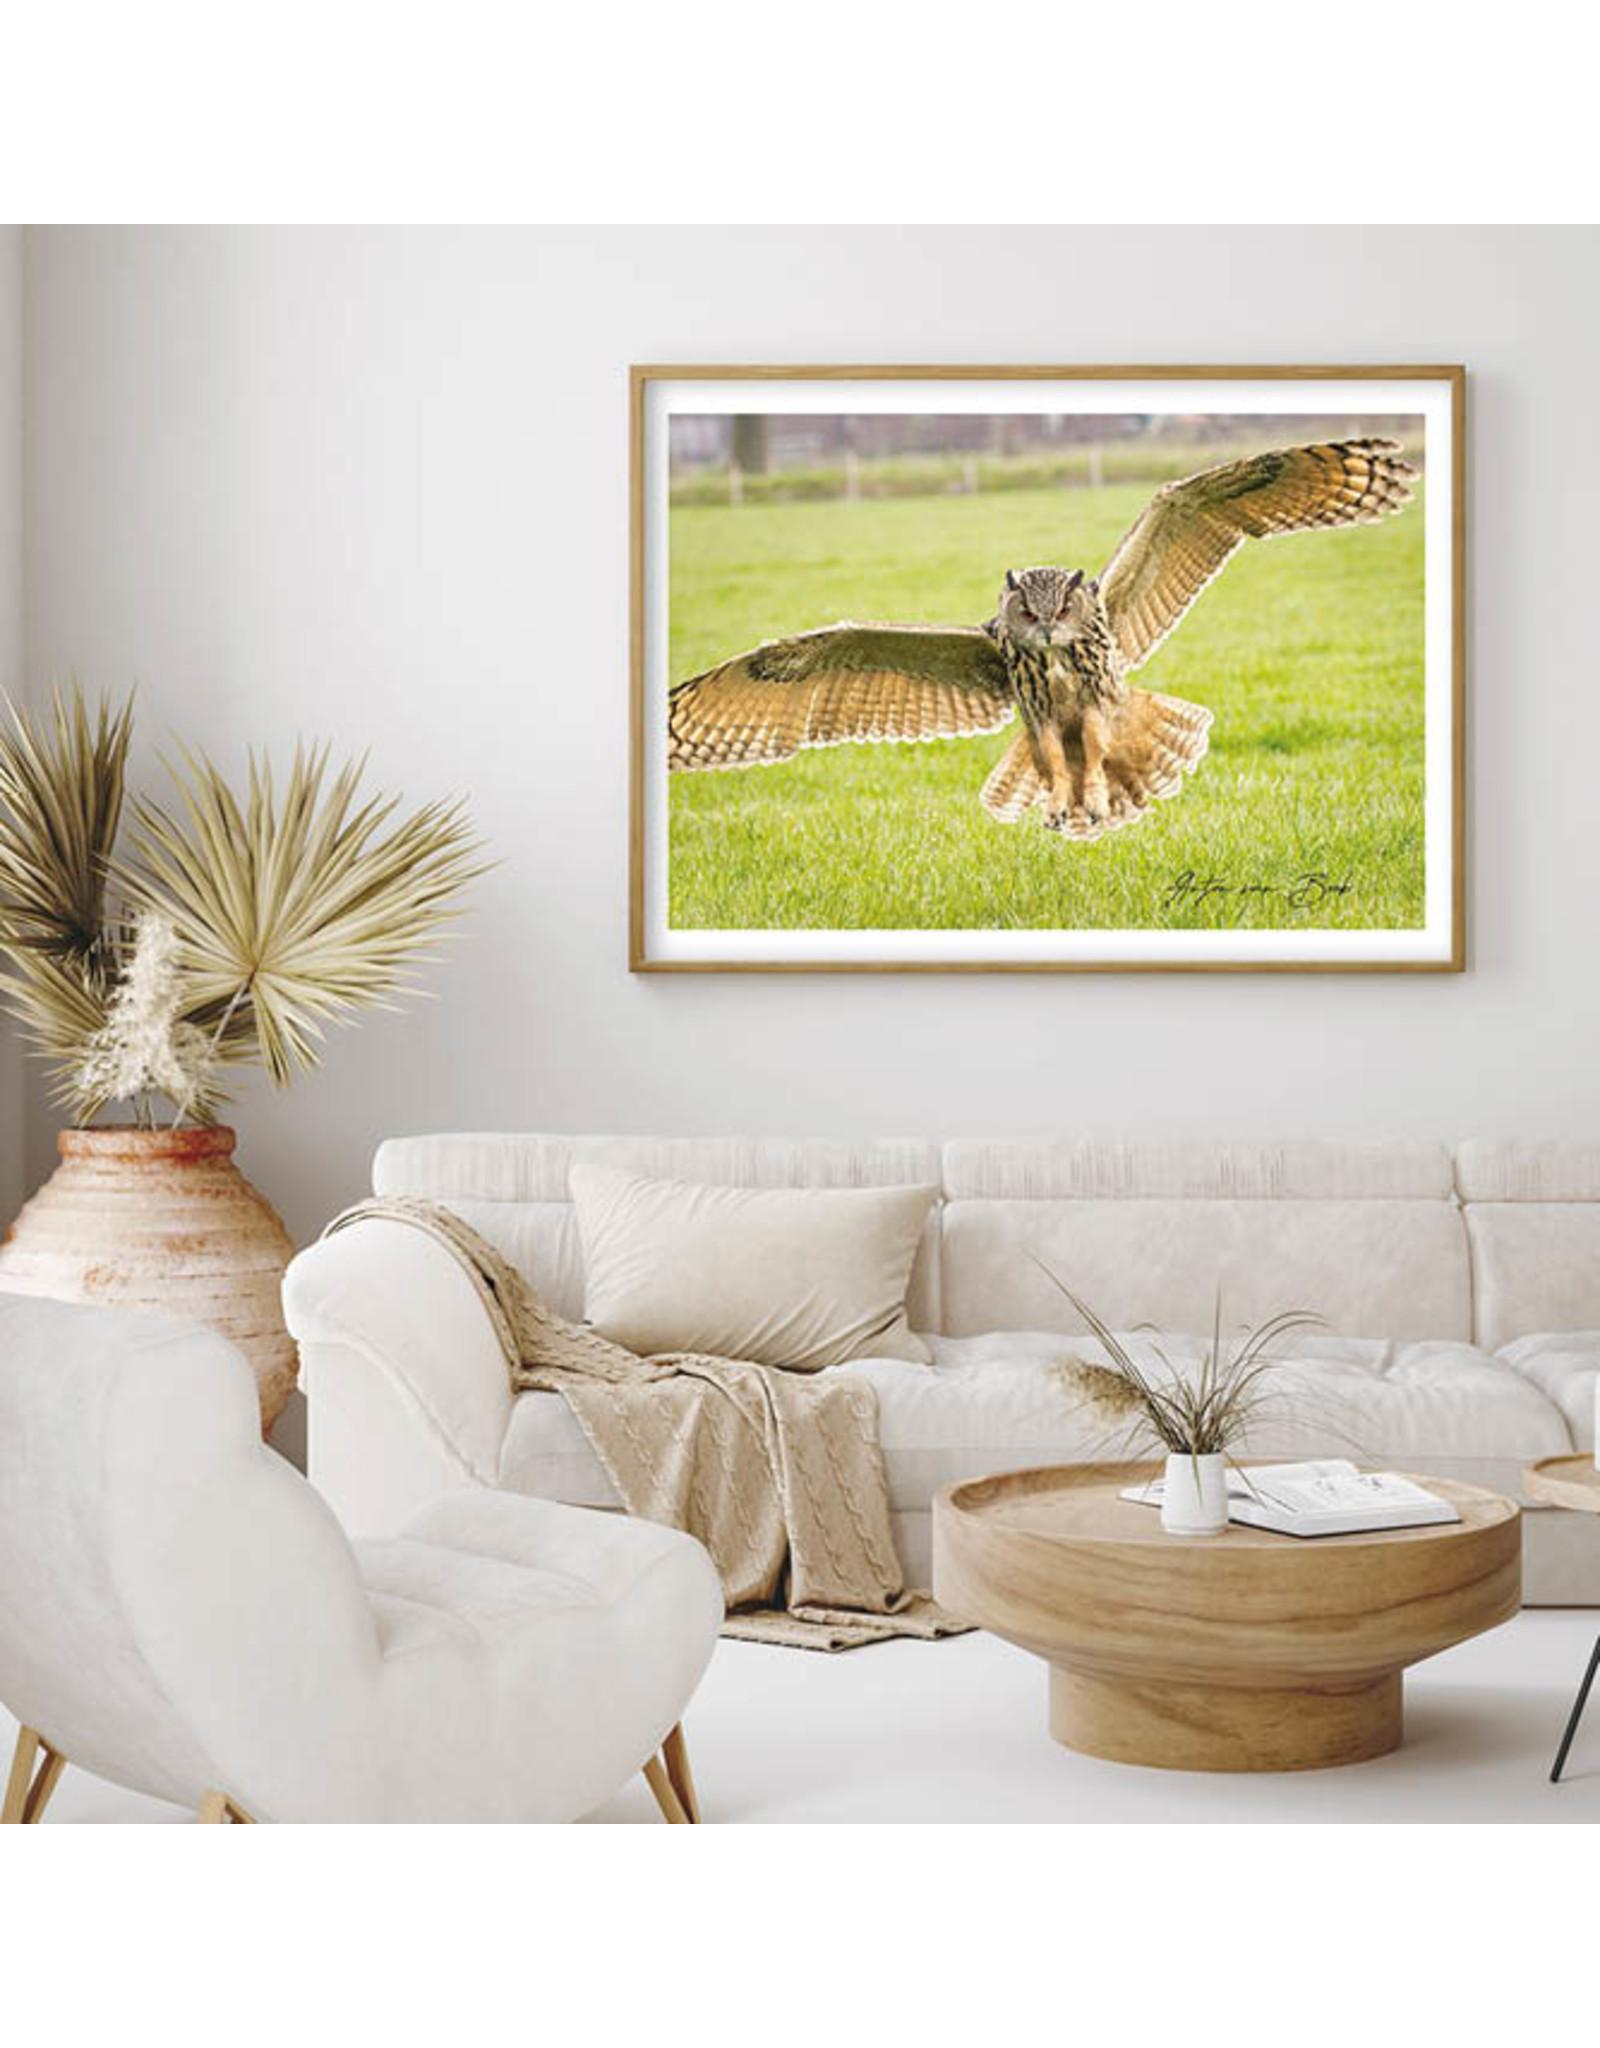 Dunnebier Home Poster Oehoe_2 - Anton van Beek Collectie